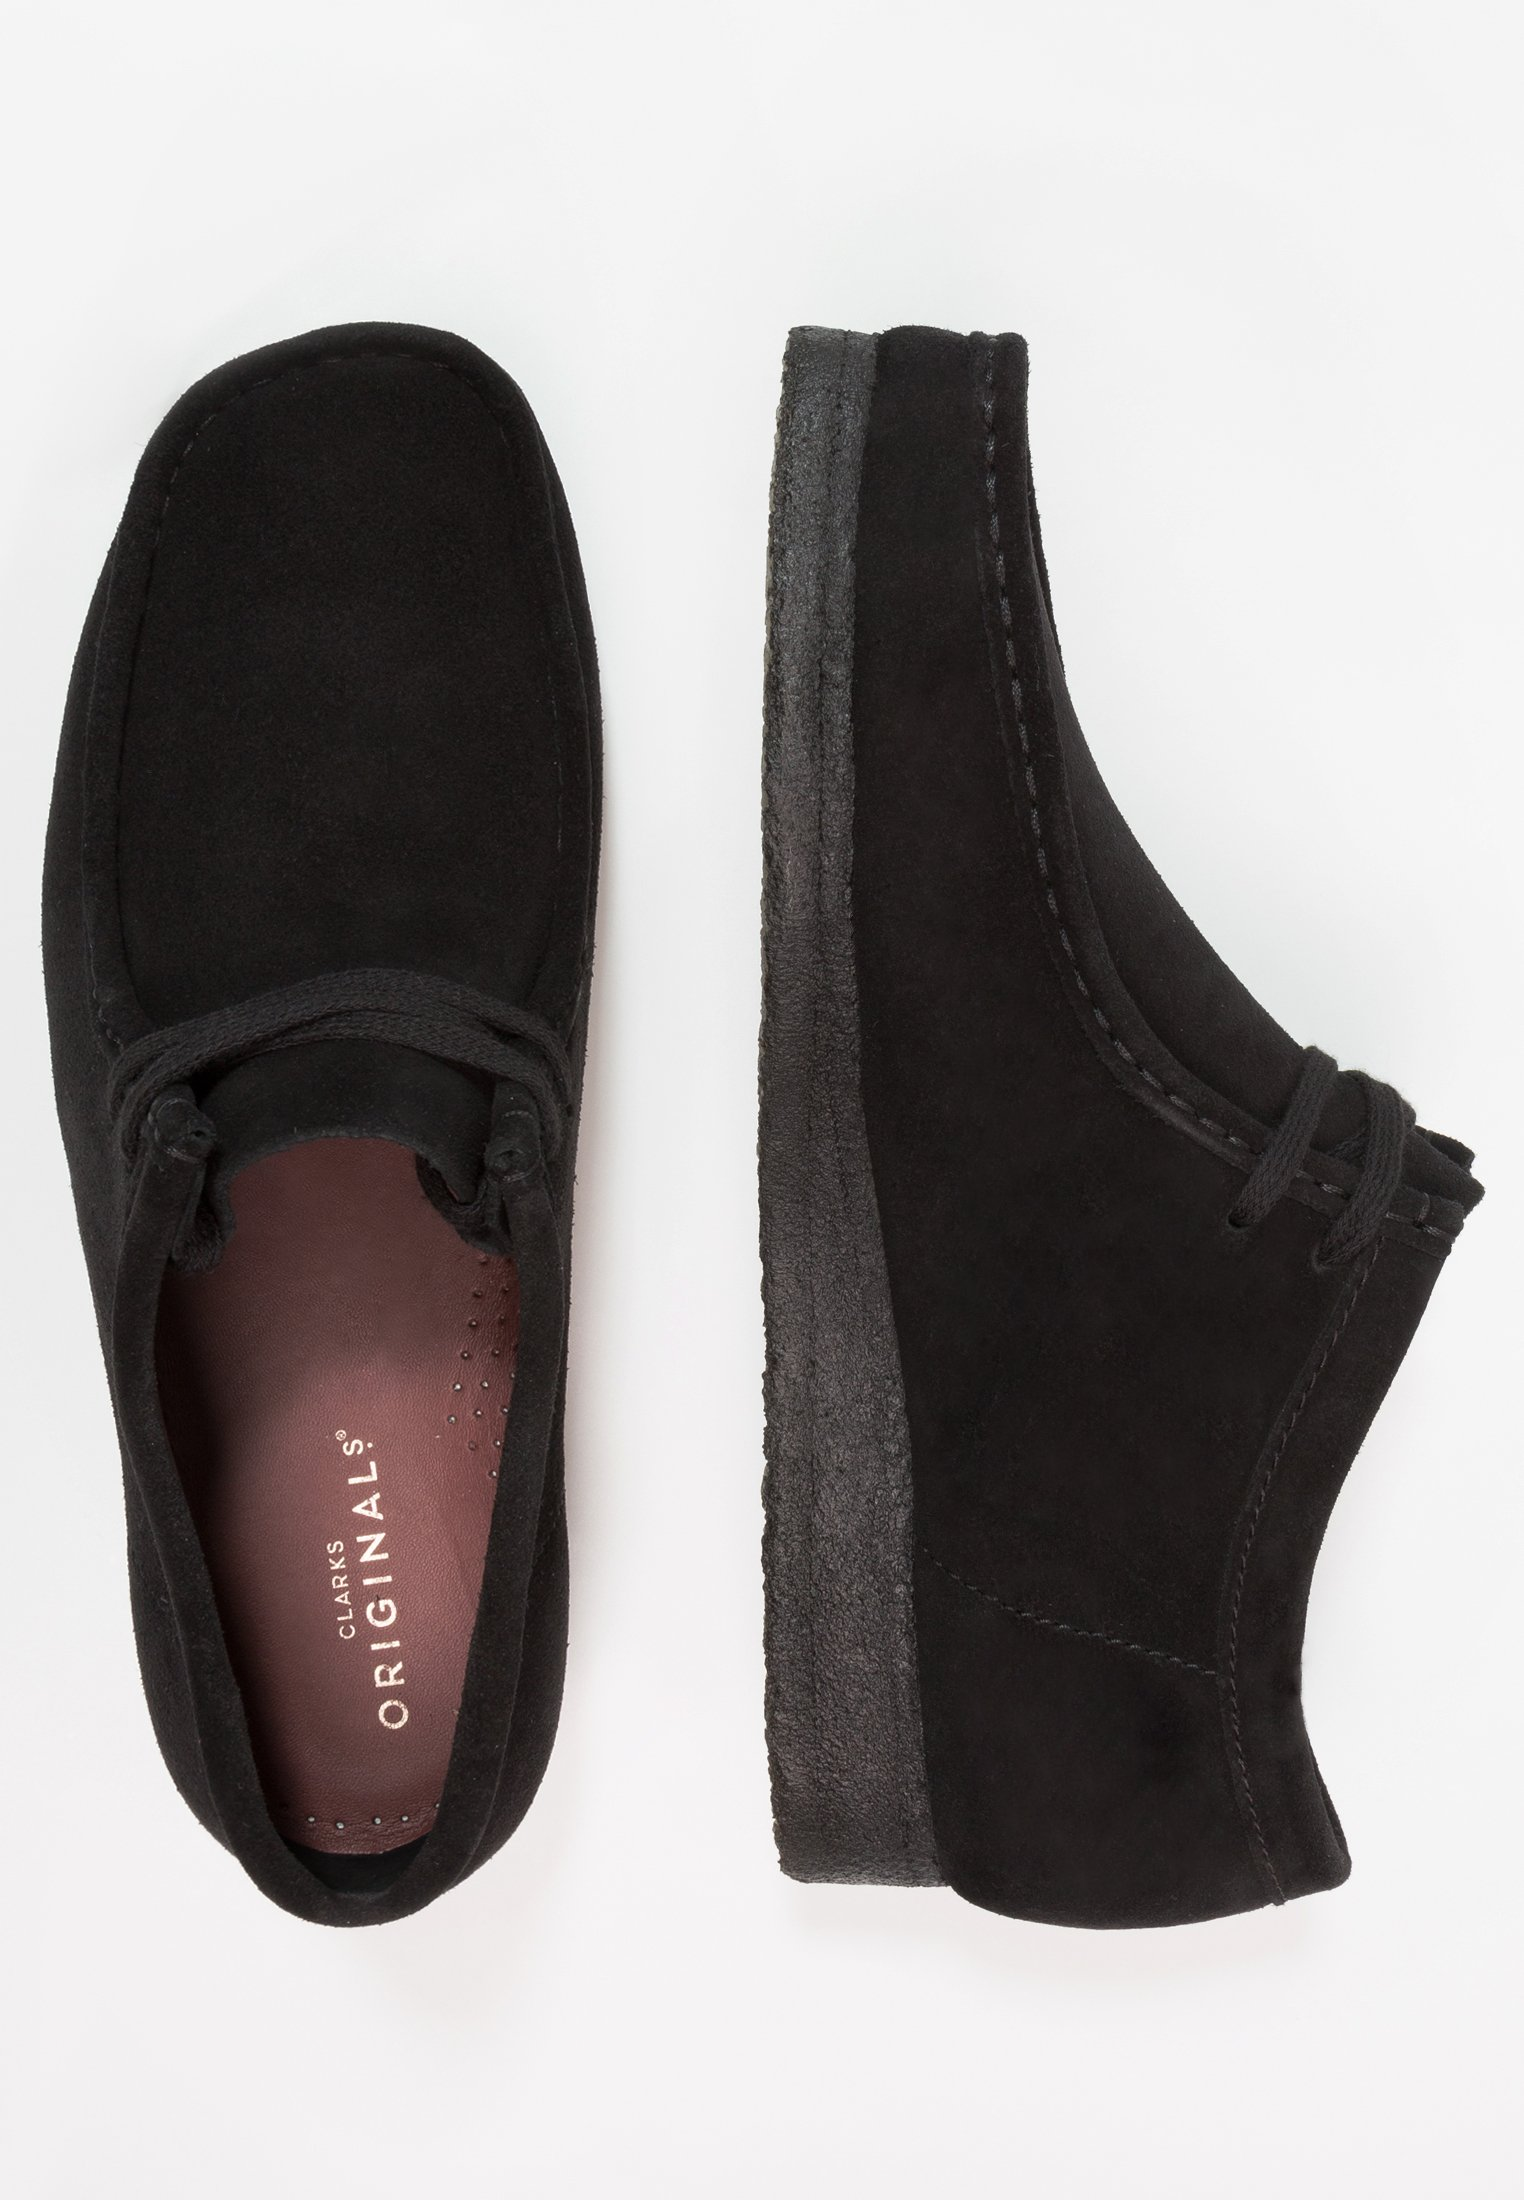 Chaussures Femme escarpins, bottes, baskets Adidas La Halle